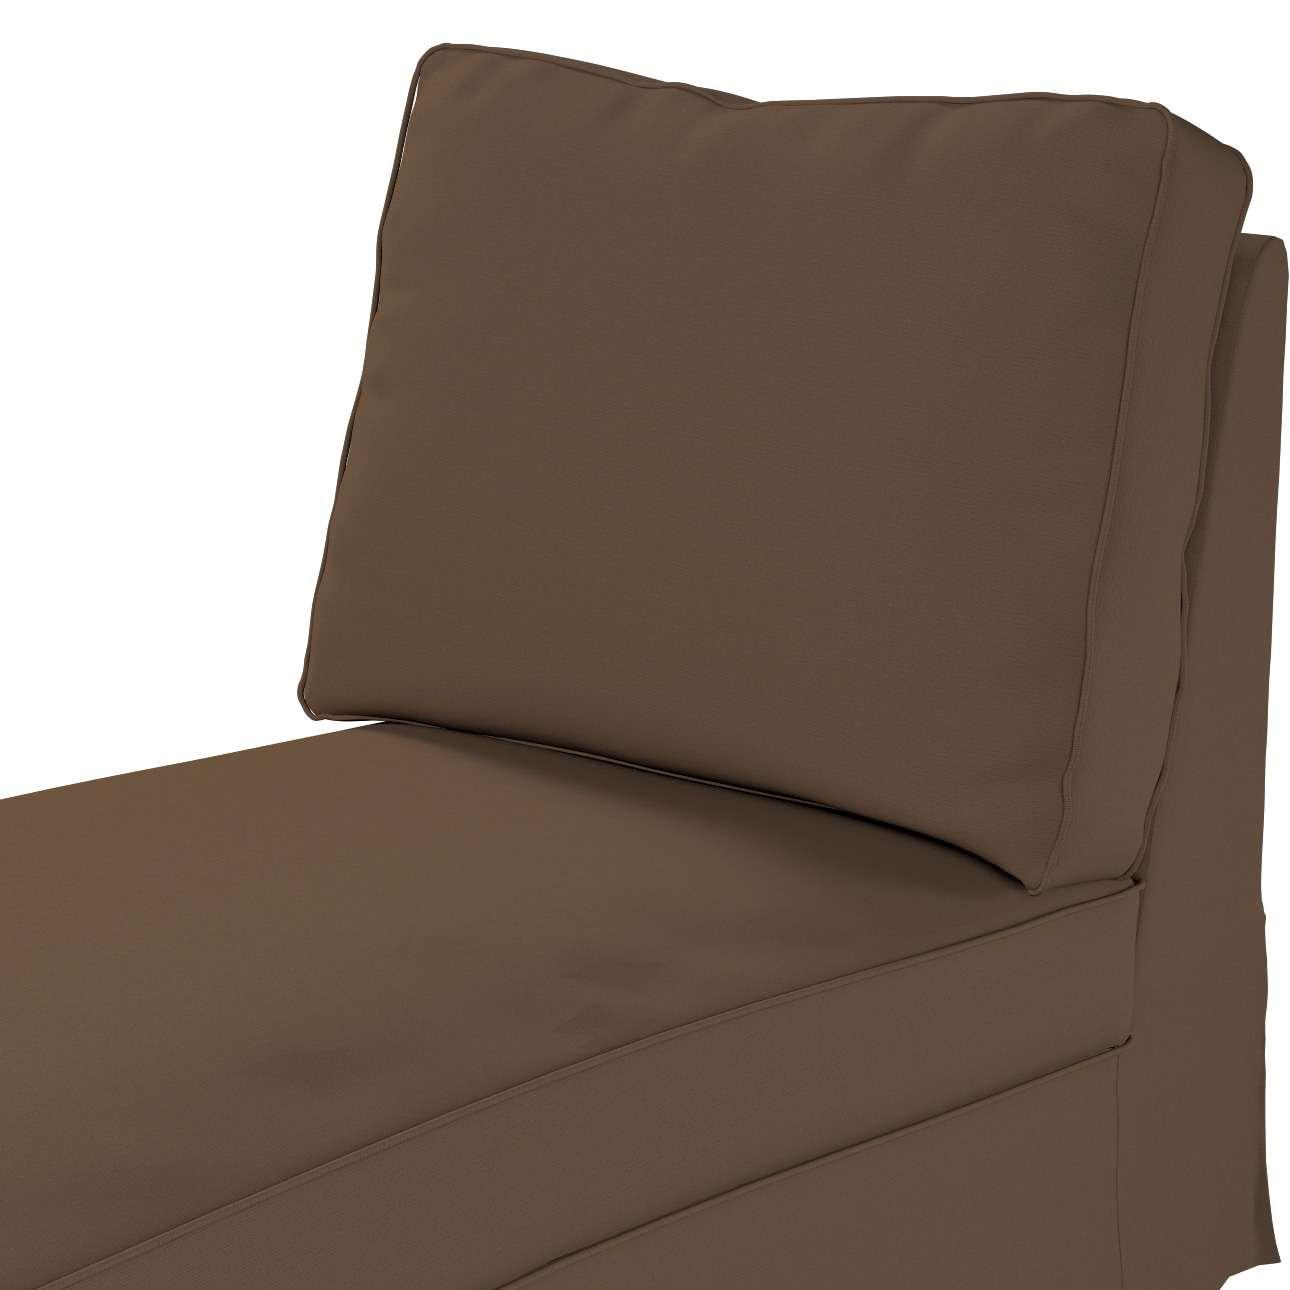 Huzat Ikea Ektorp karfa nélküli fekvőfotelhez (egyenes háttámla) a kollekcióból Cotton Panama Bútorszövet, Dekoranyag: 702-02